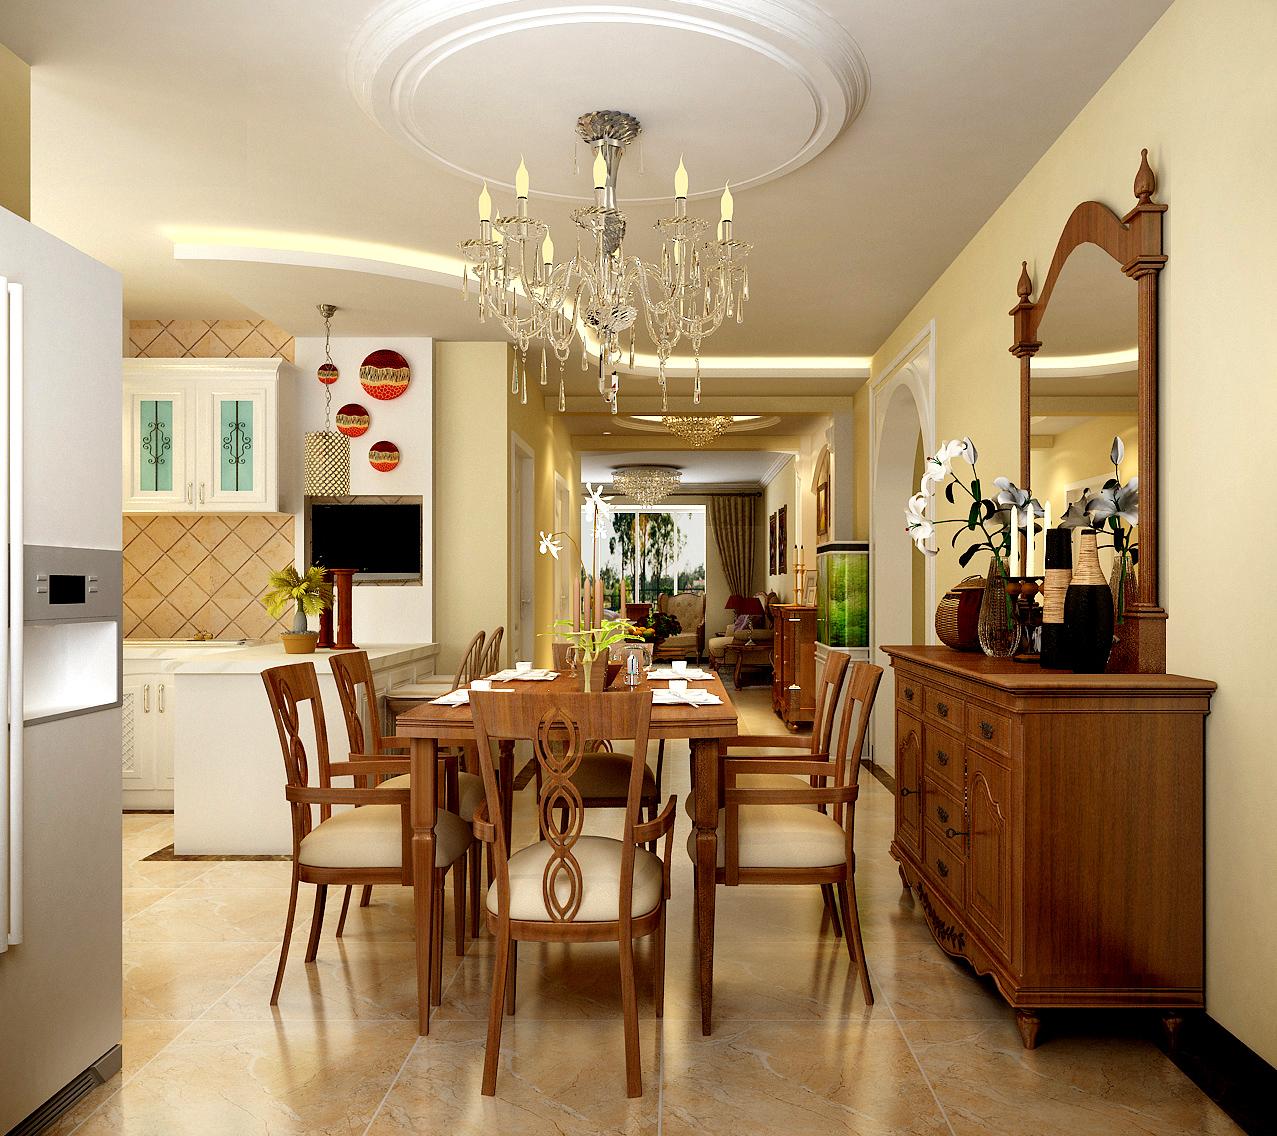 三居 欧式 简约欧式 80后 婚房 餐厅图片来自实创装饰都琳在80后大爱简欧风格的分享